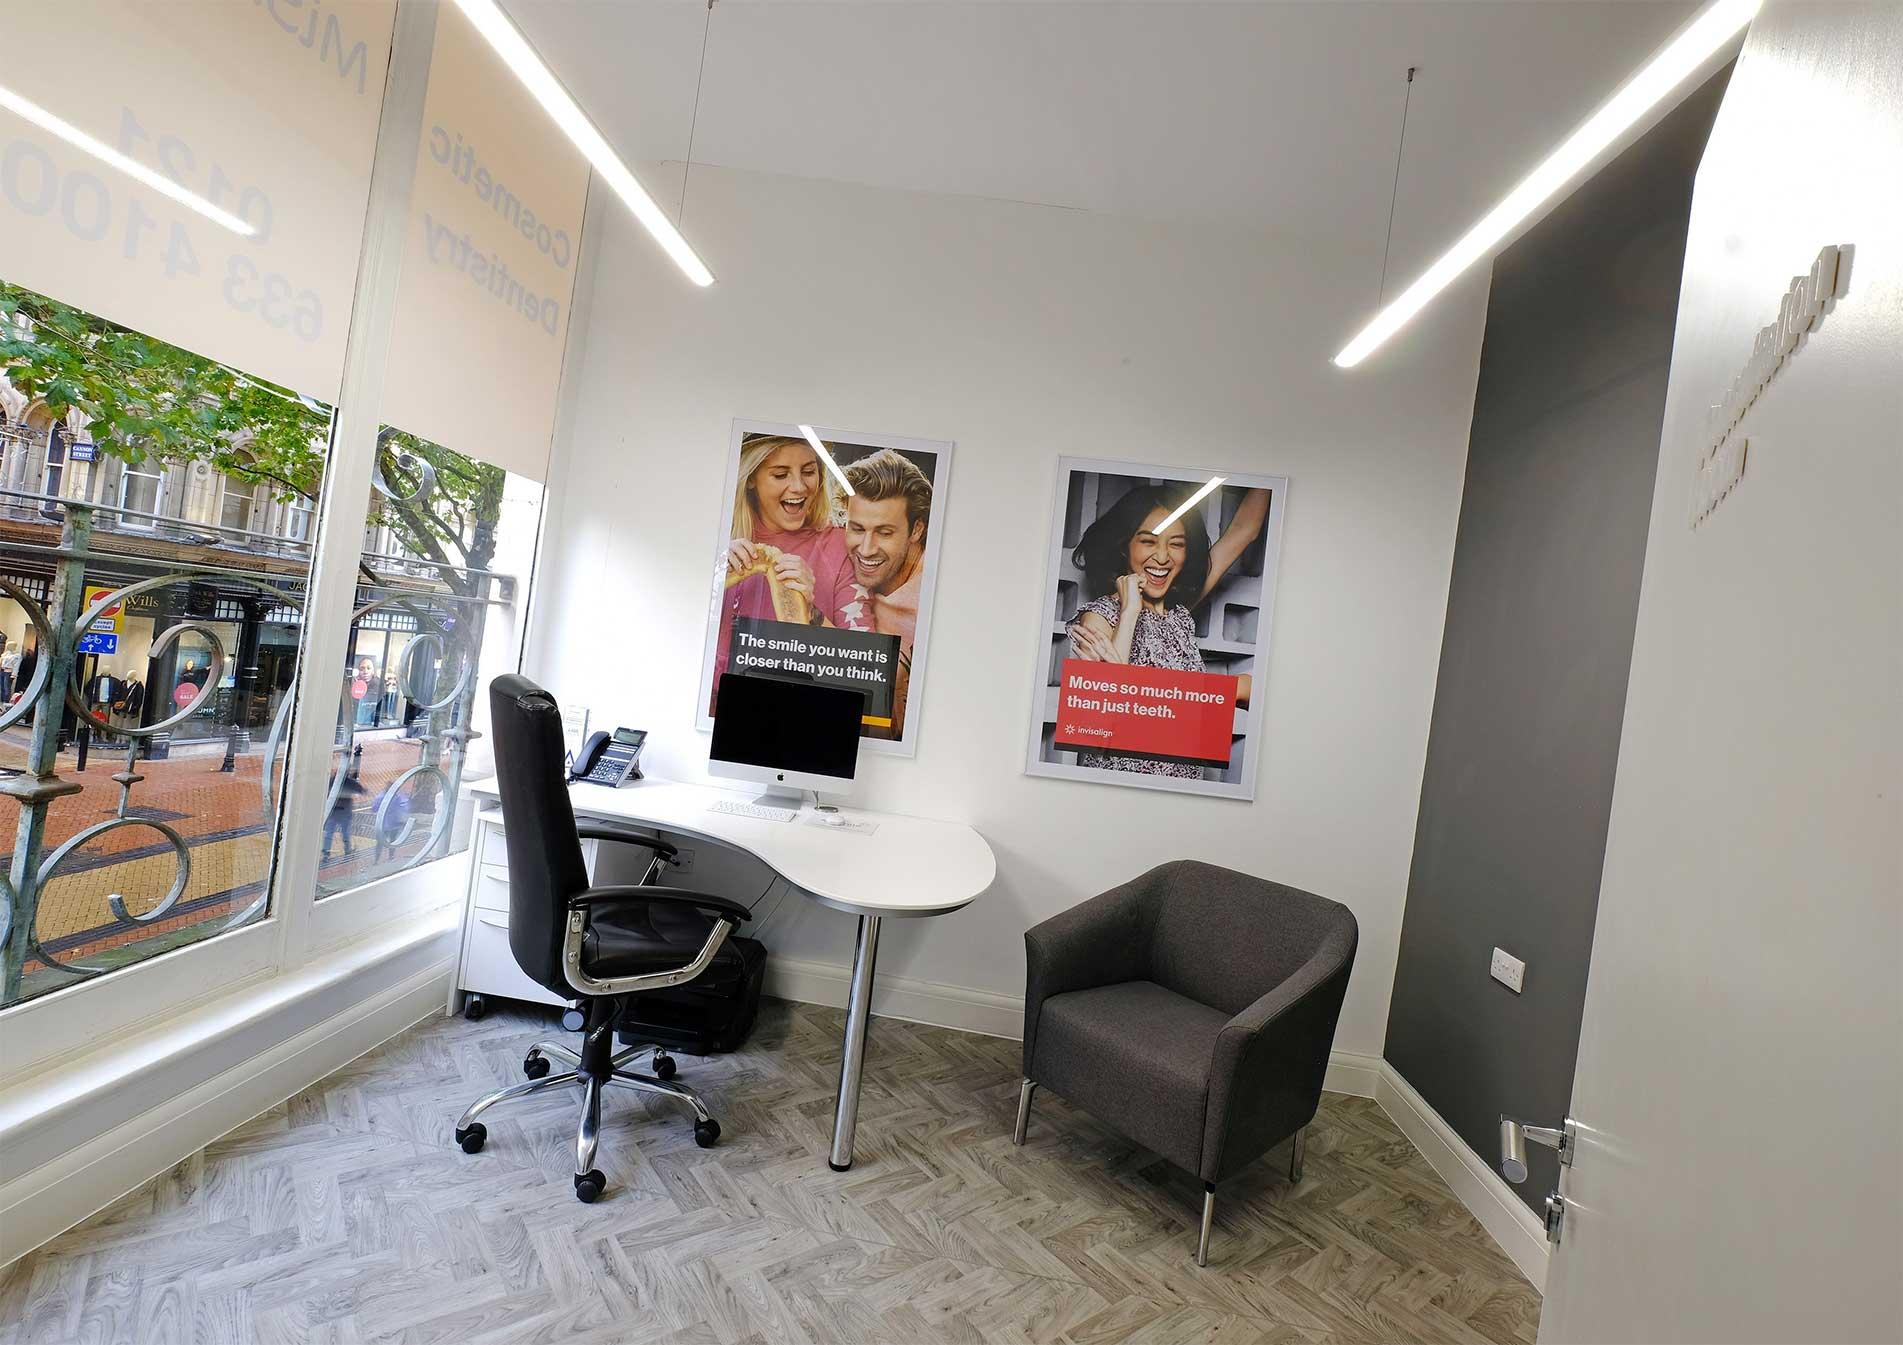 MiSmile Birmingham Dental Practice Consultation Room design and build